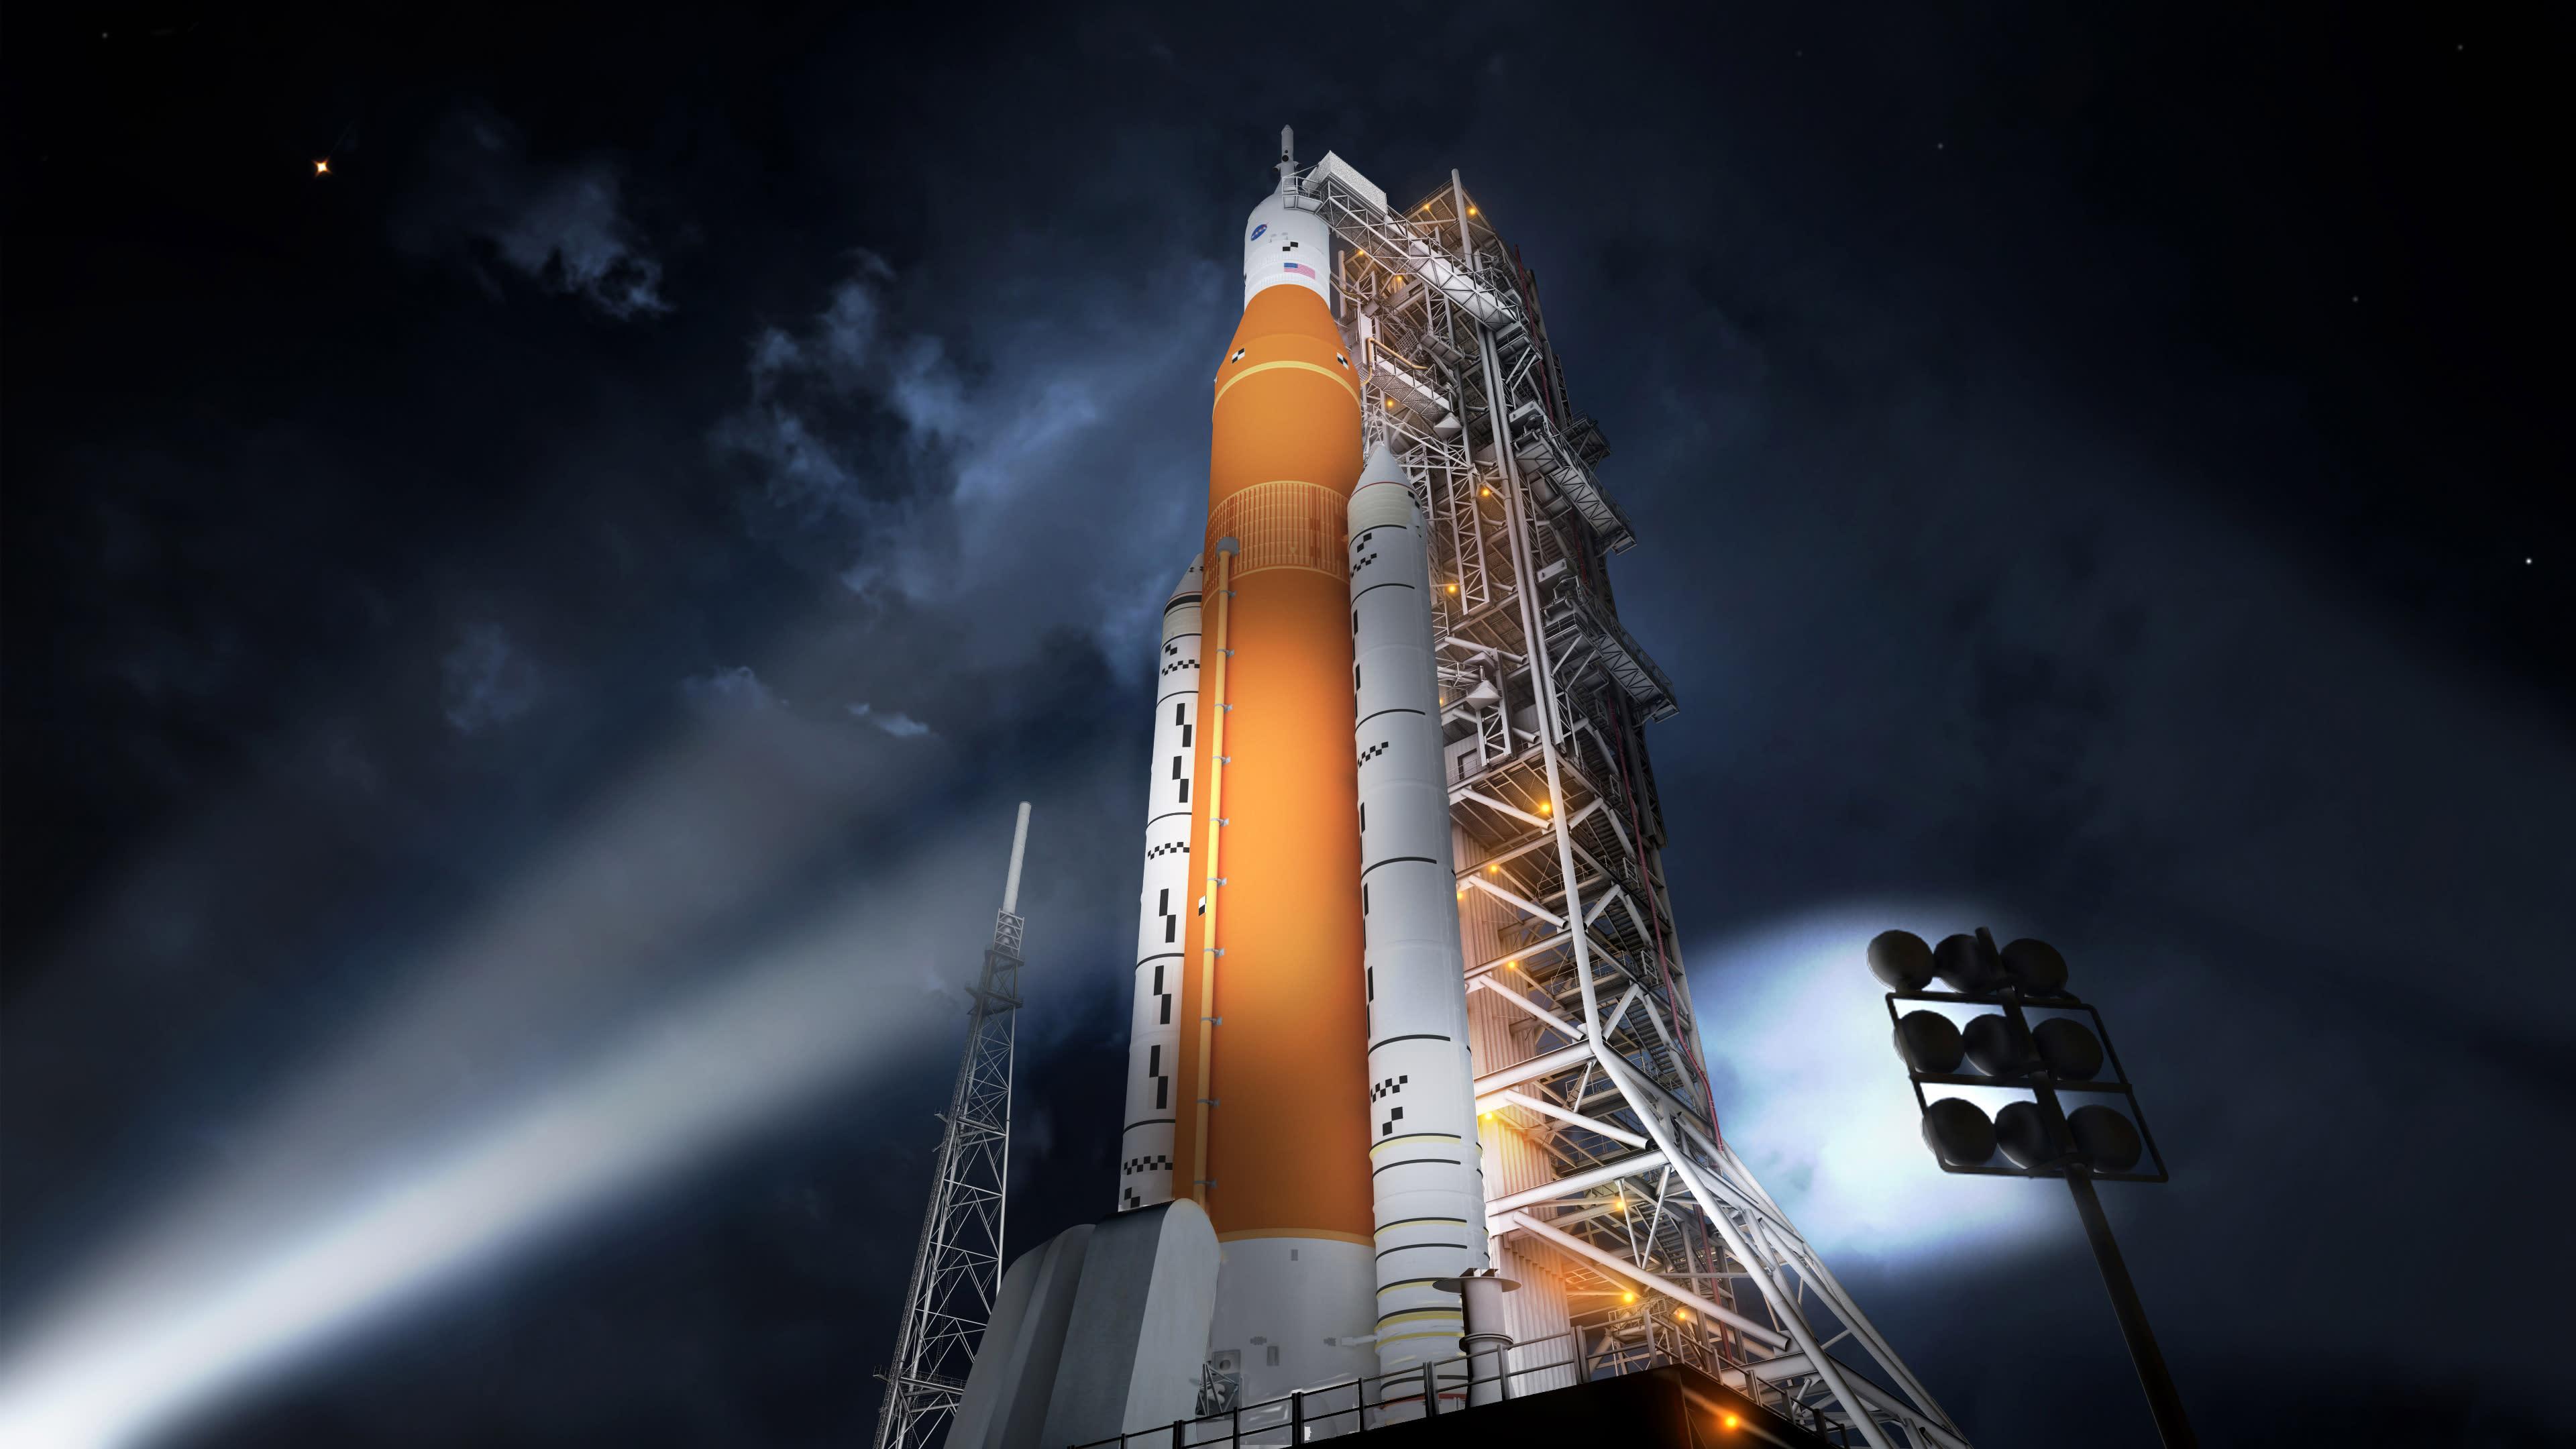 future rocket launching video - HD3840×2160